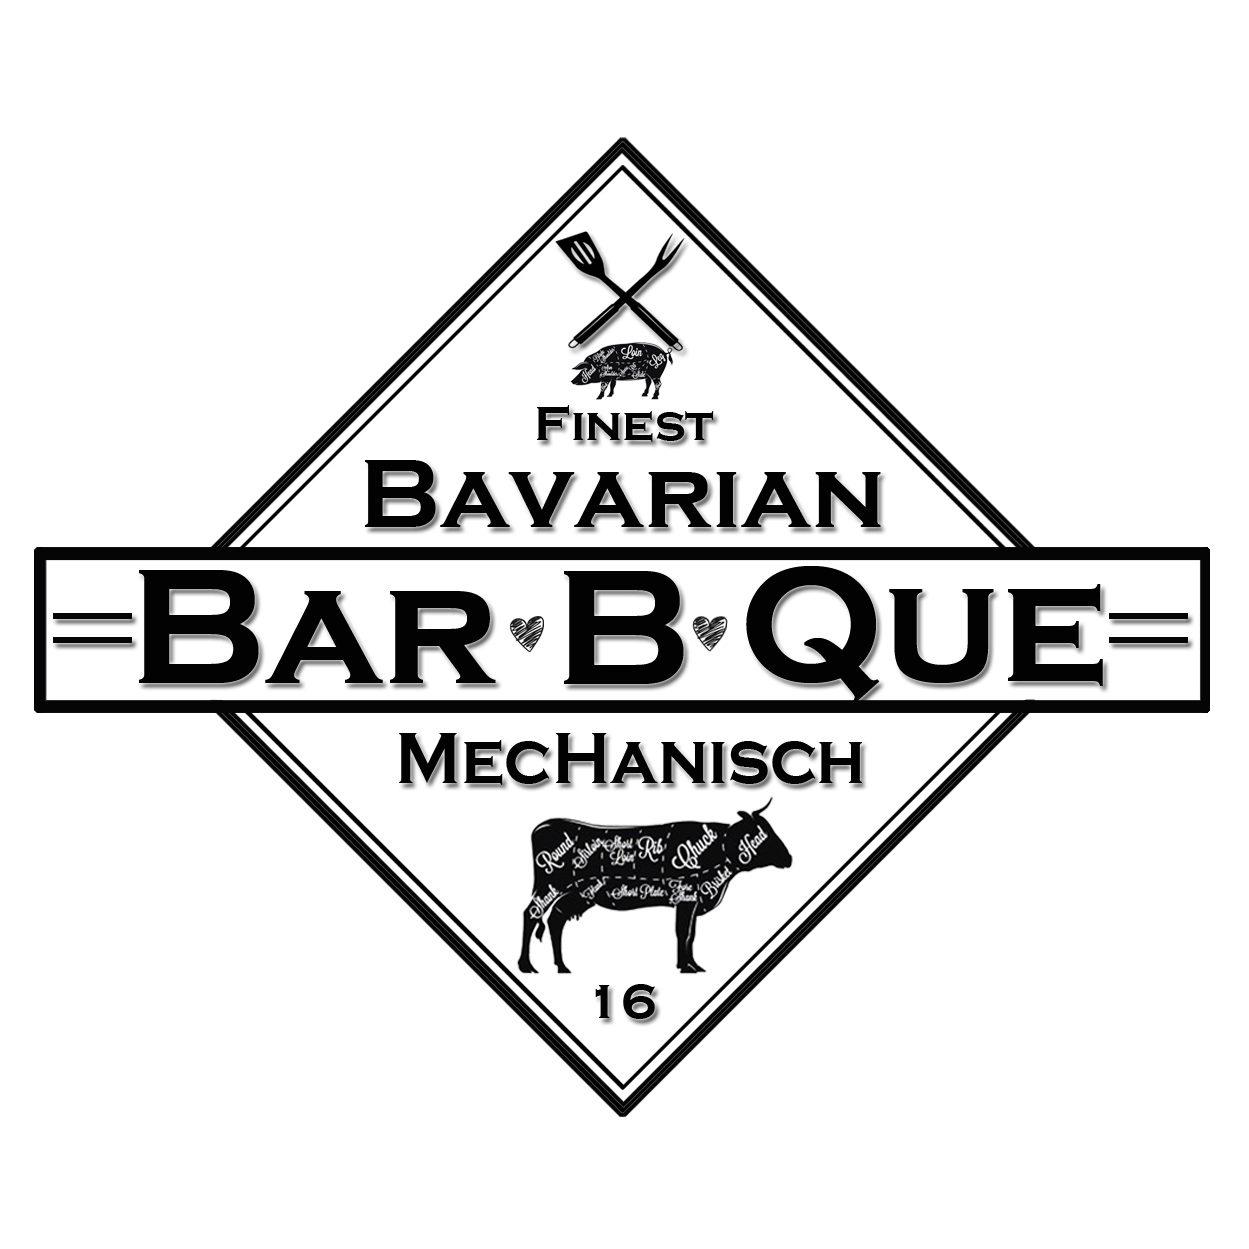 MecHanisch BBQ